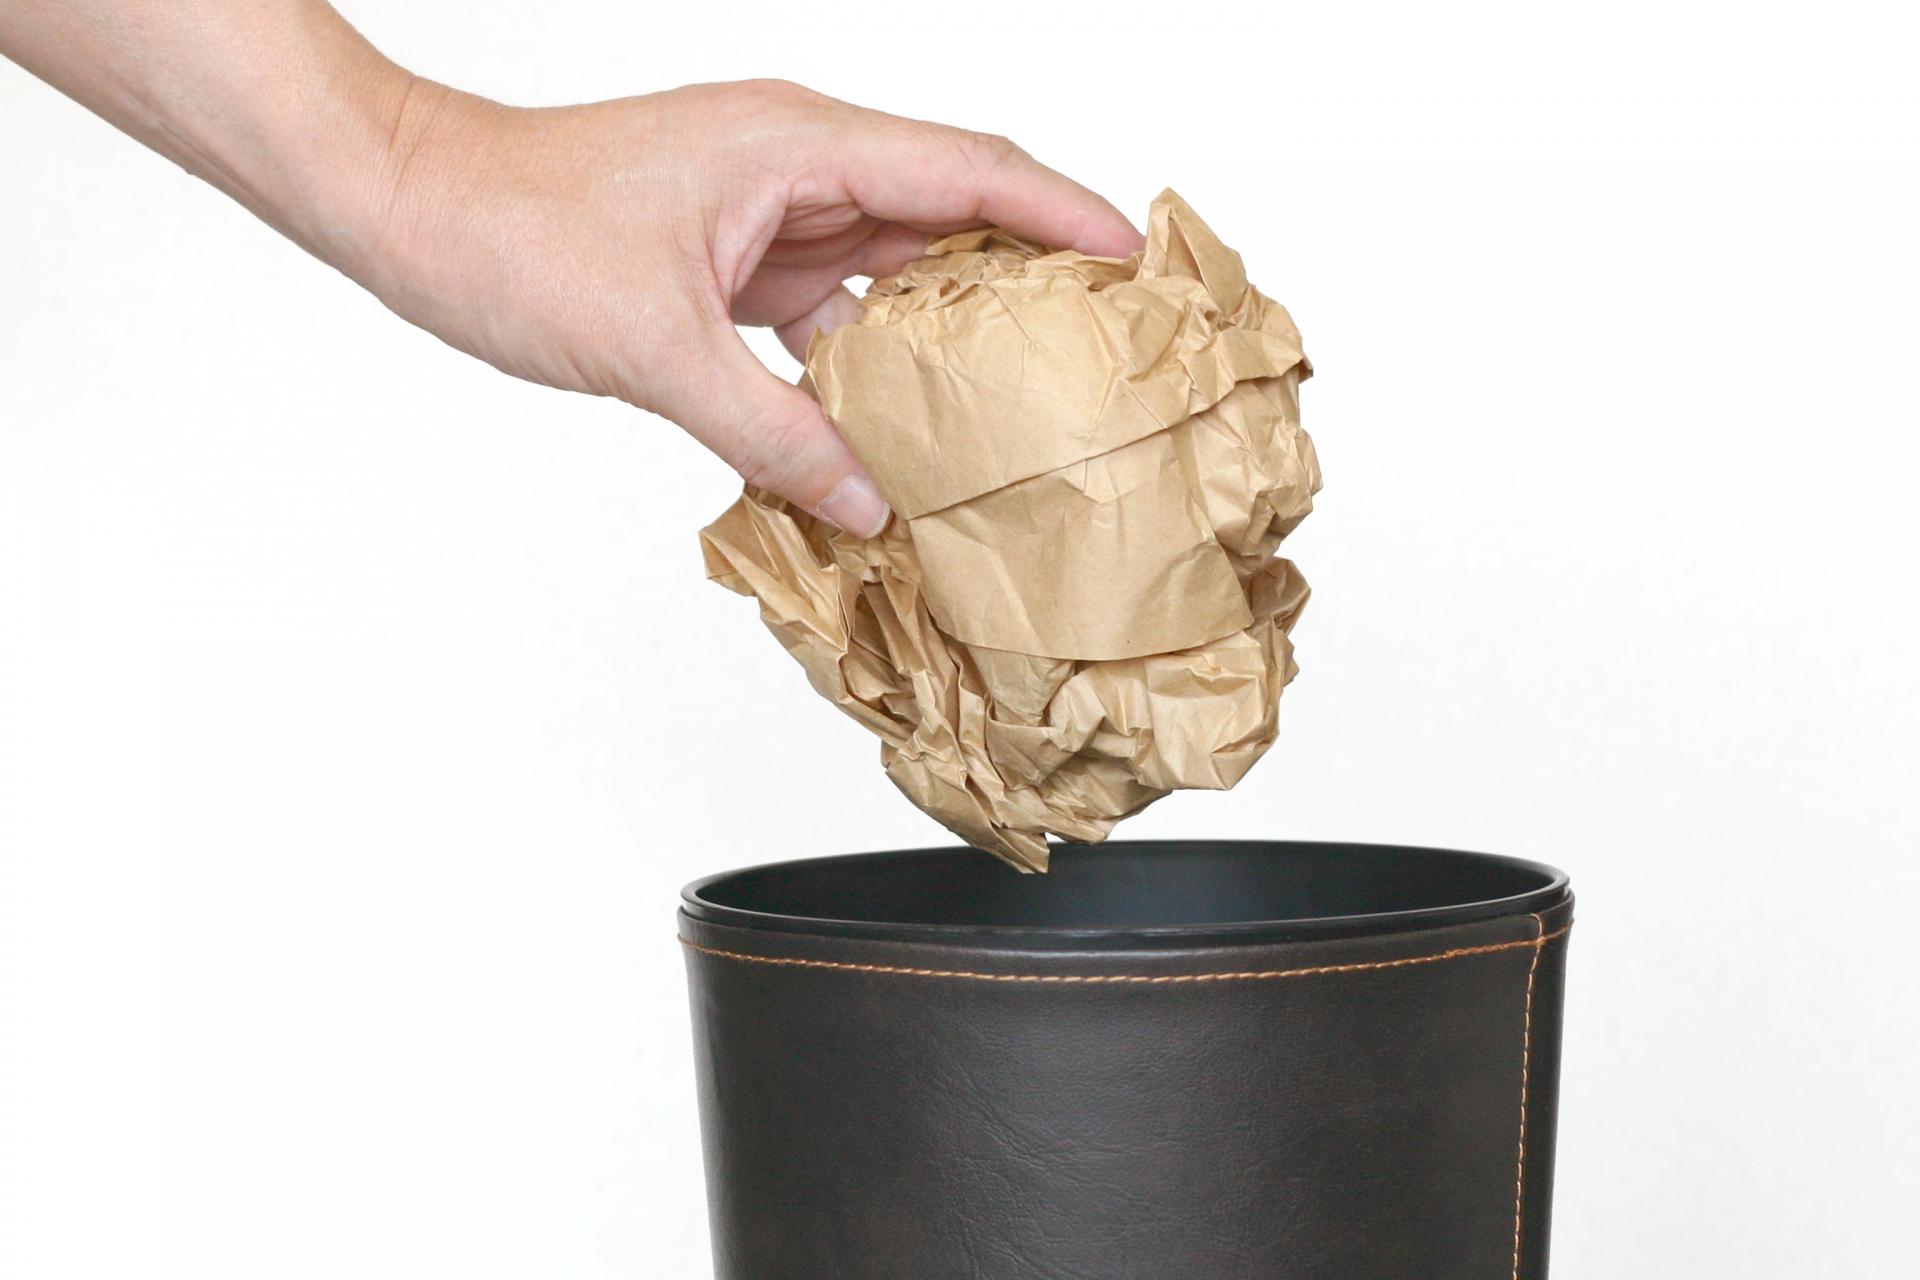 遺品整理で不要になった遺品を処分する方法-「売る・あげる・もらう」はしても良いの?-のアイキャッチ